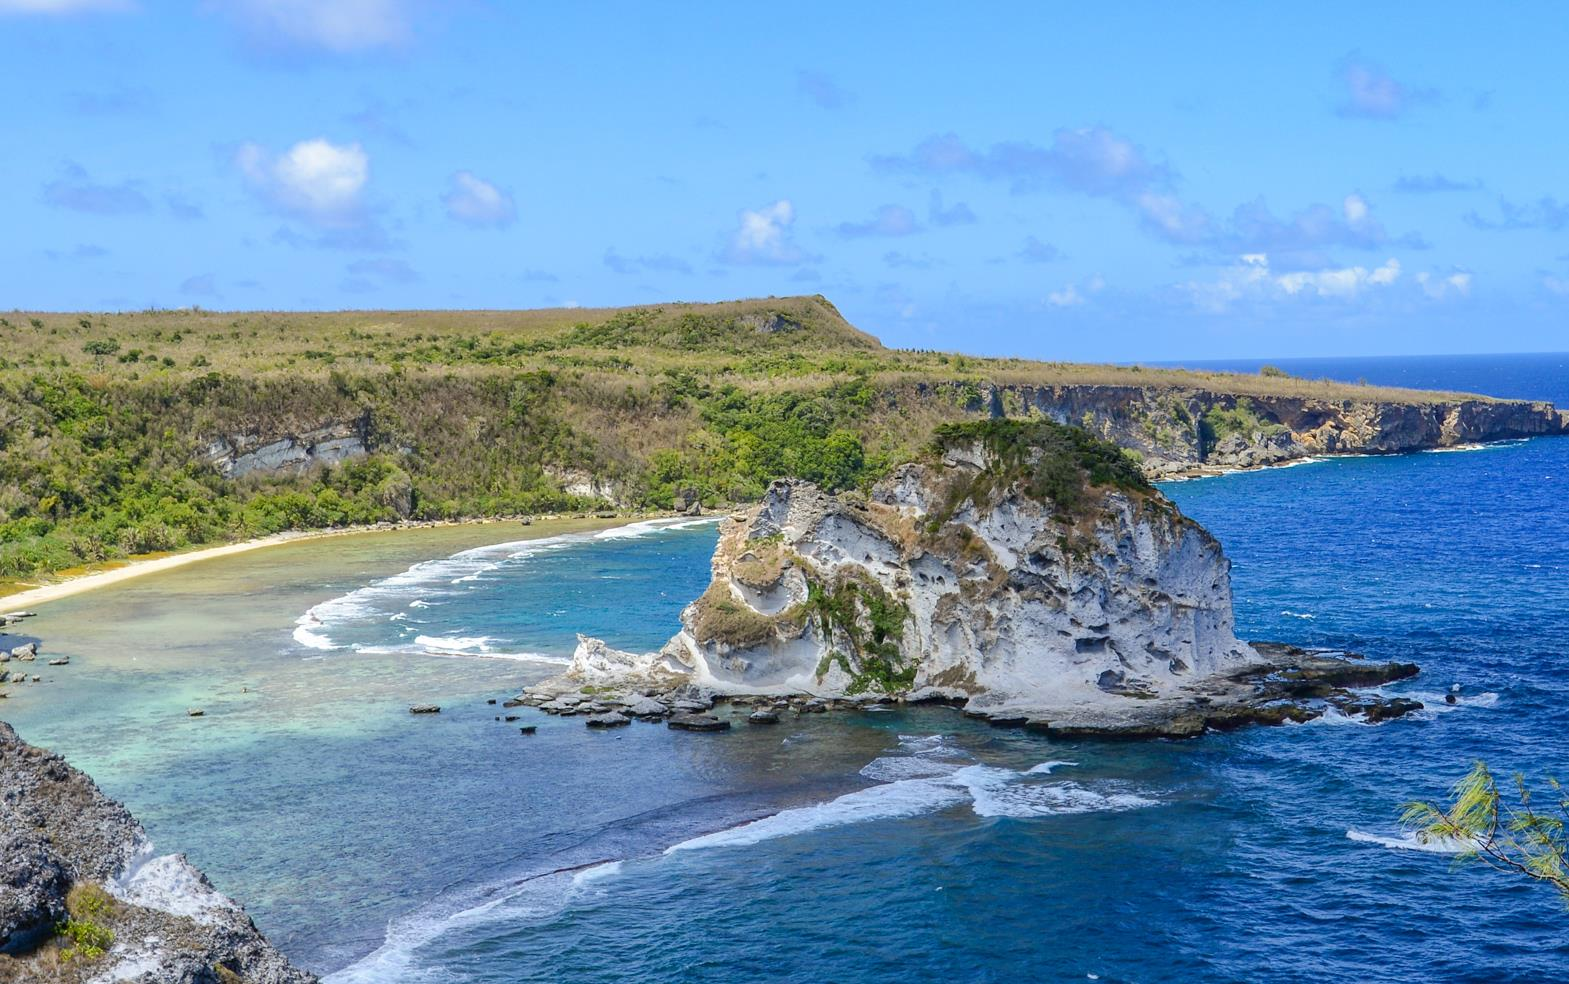 塞班岛上的一座无人岛,因鸟闻名,是塞班岛的必游之地